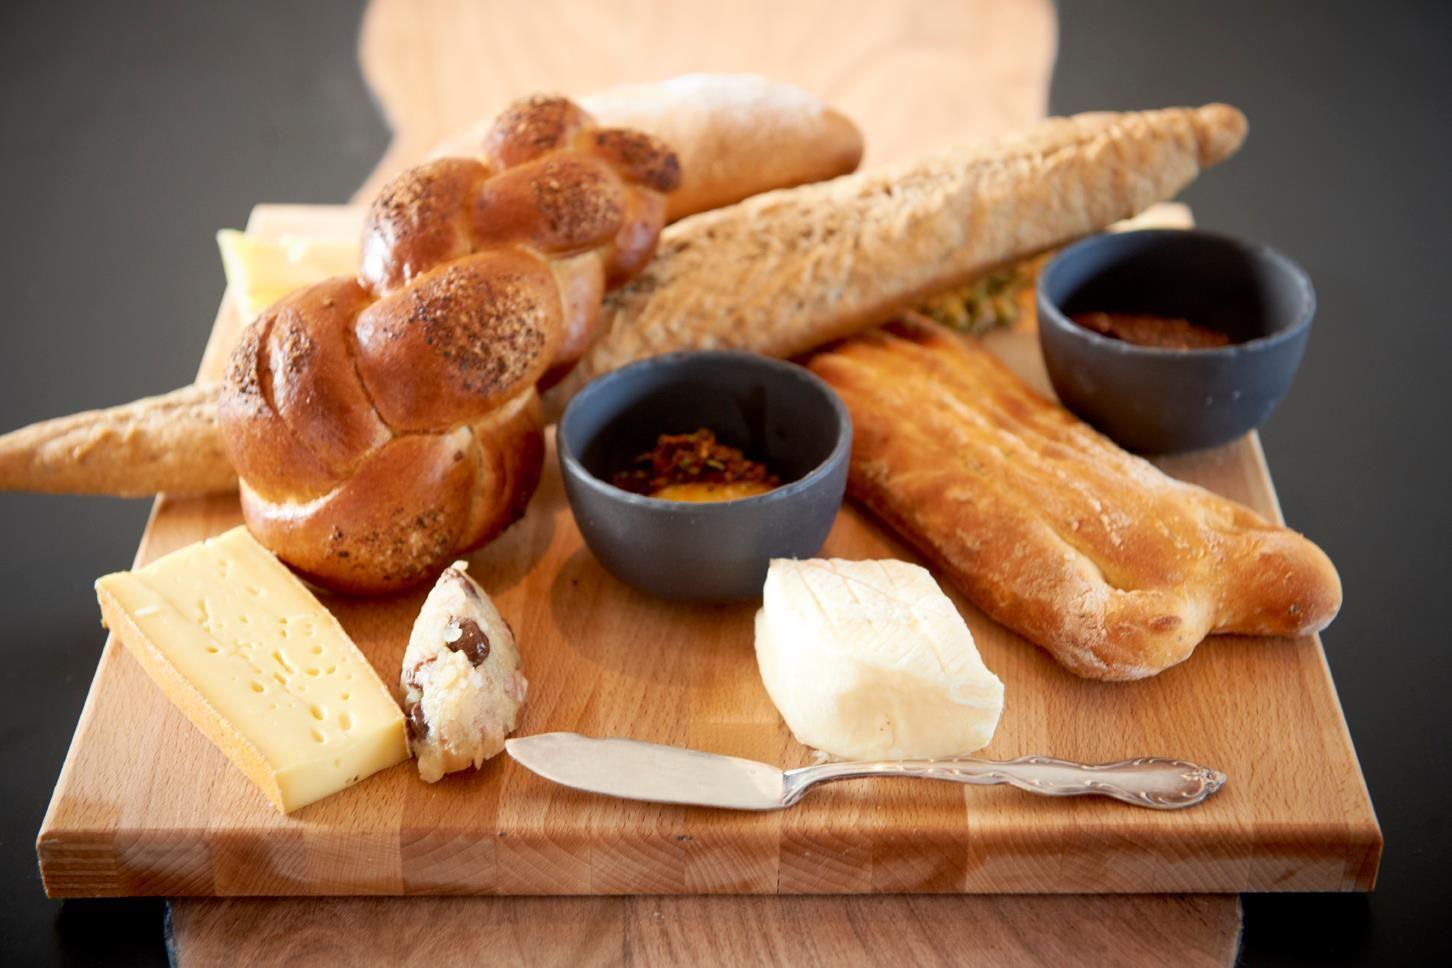 Baguette En Bois Decorative various baguettes, pastries, chorek and cheeses on a wooden